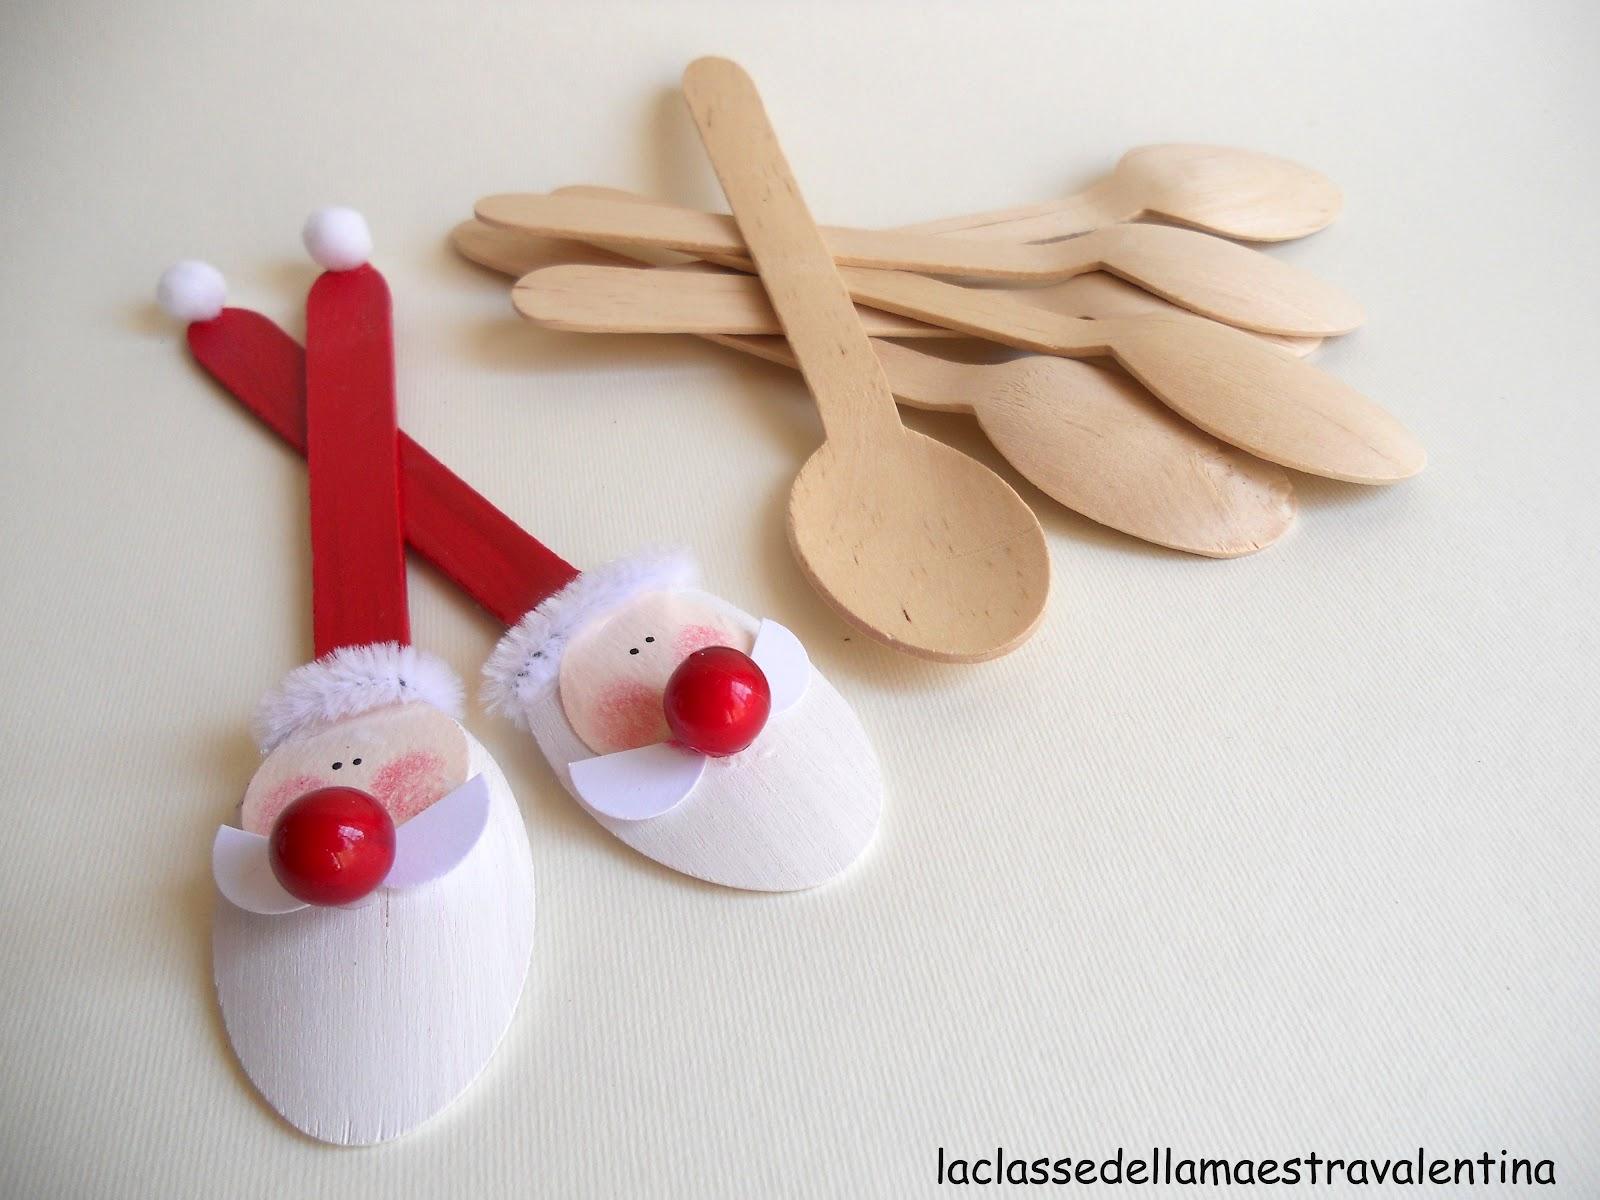 La classe della maestra valentina cucchiaini segnaposto for La classe della maestra valentina accoglienza